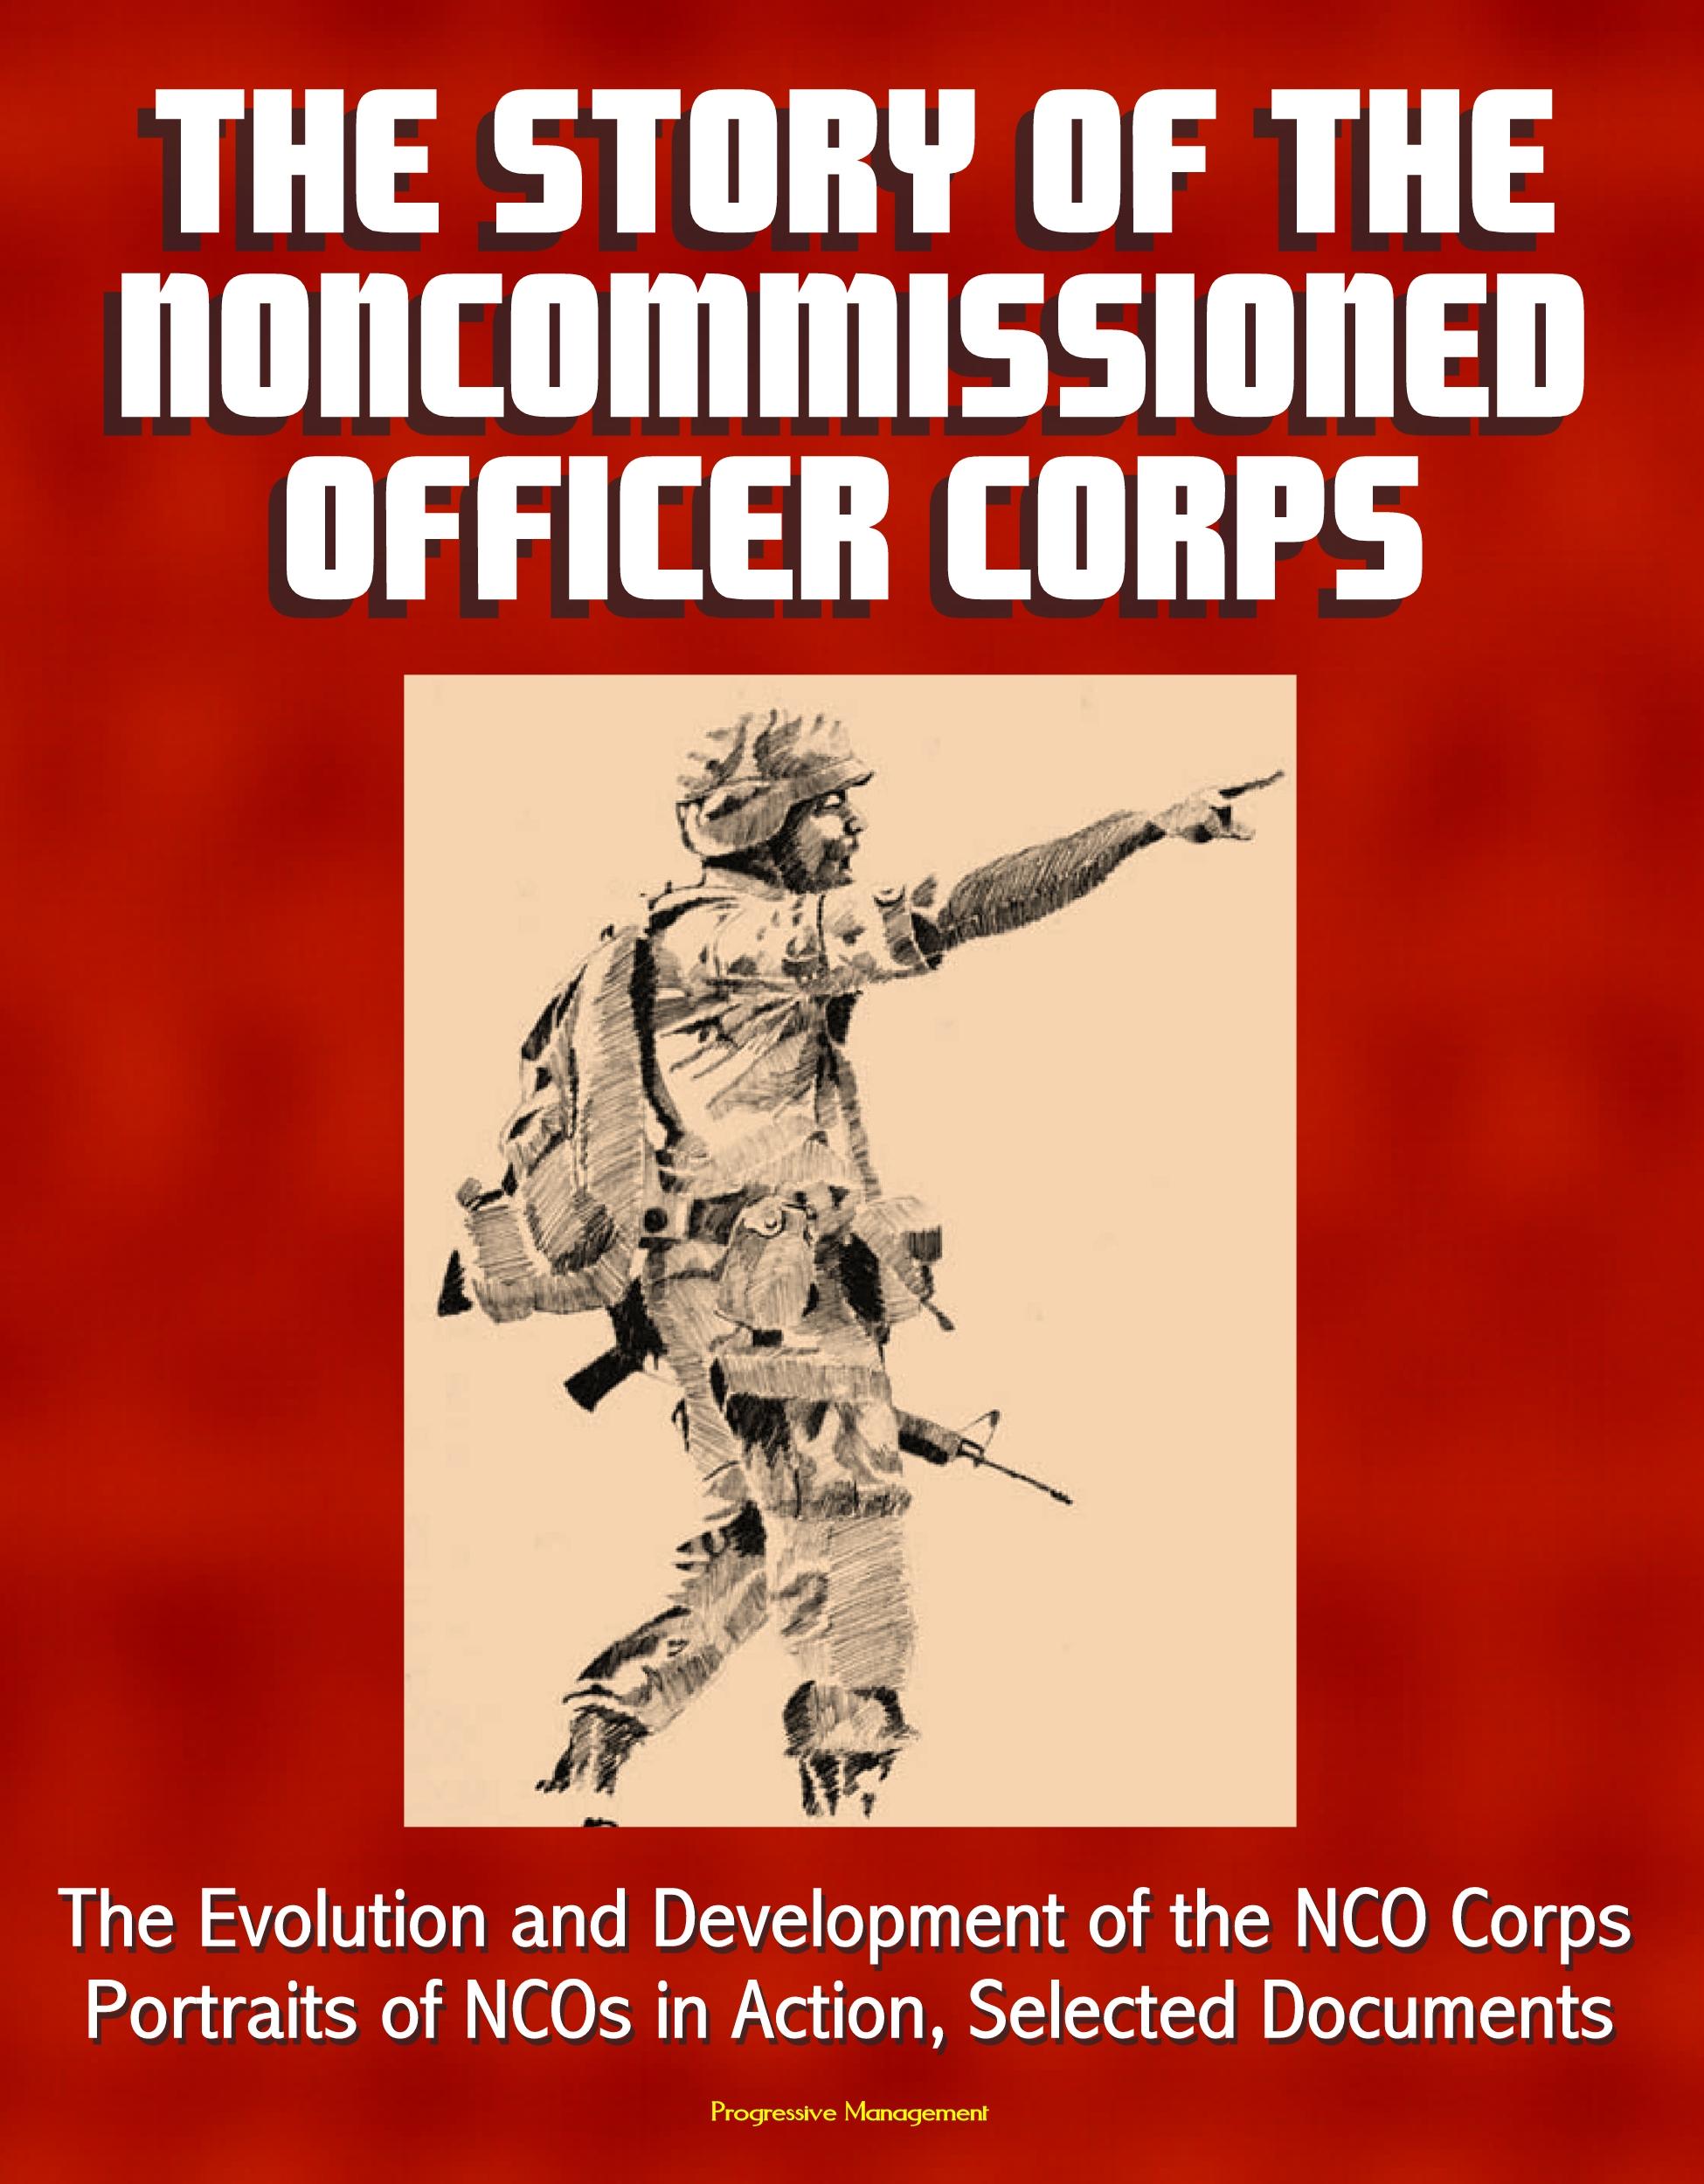 nco military history essay